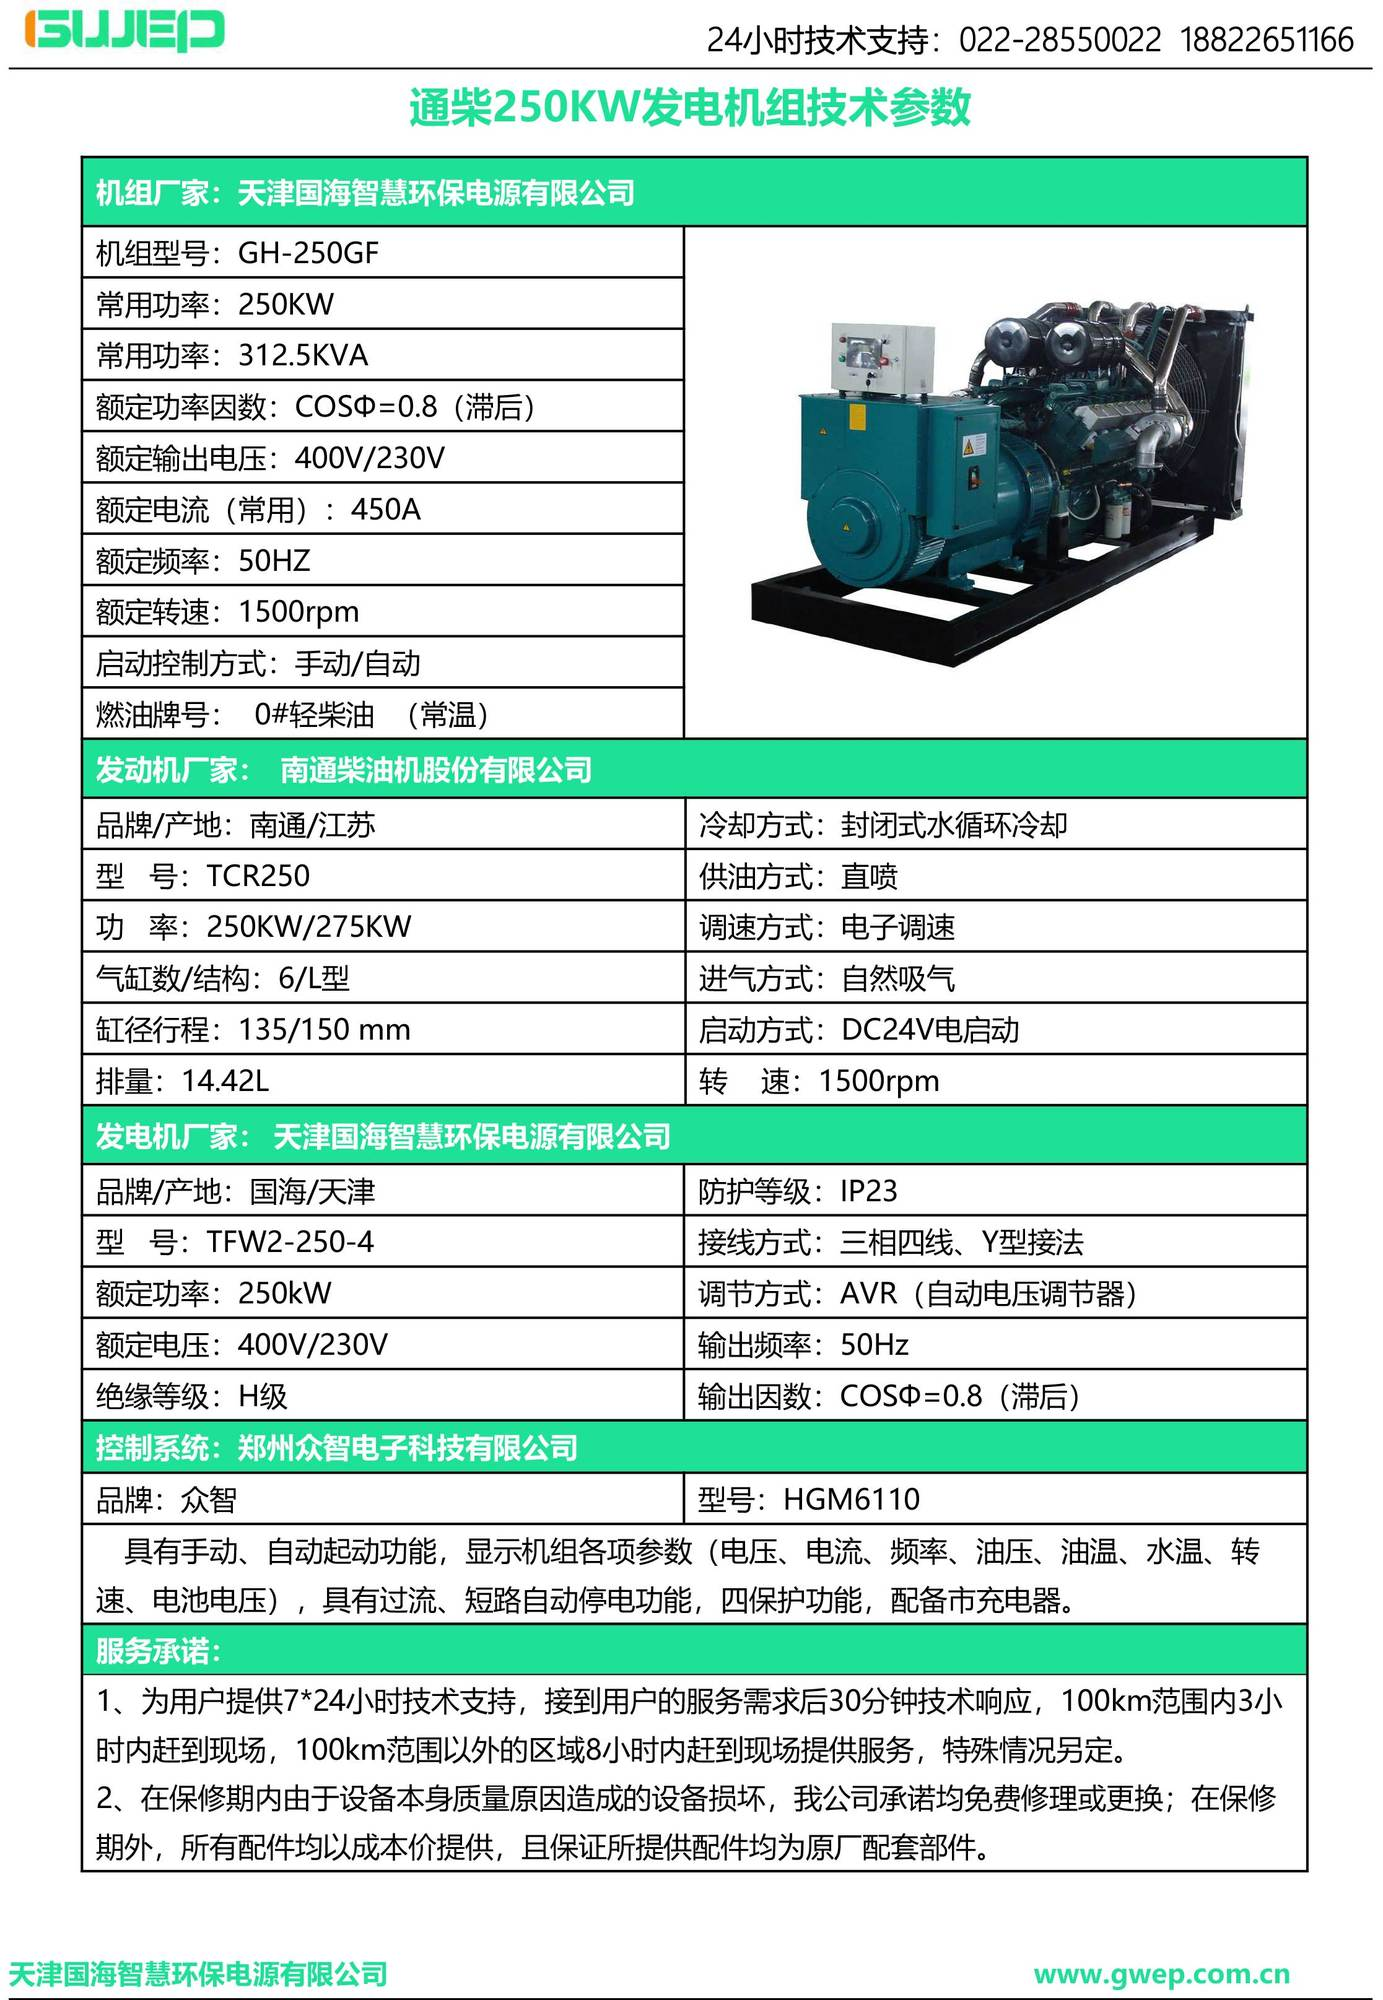 通柴250KW发电机组技术资料-2.jpg